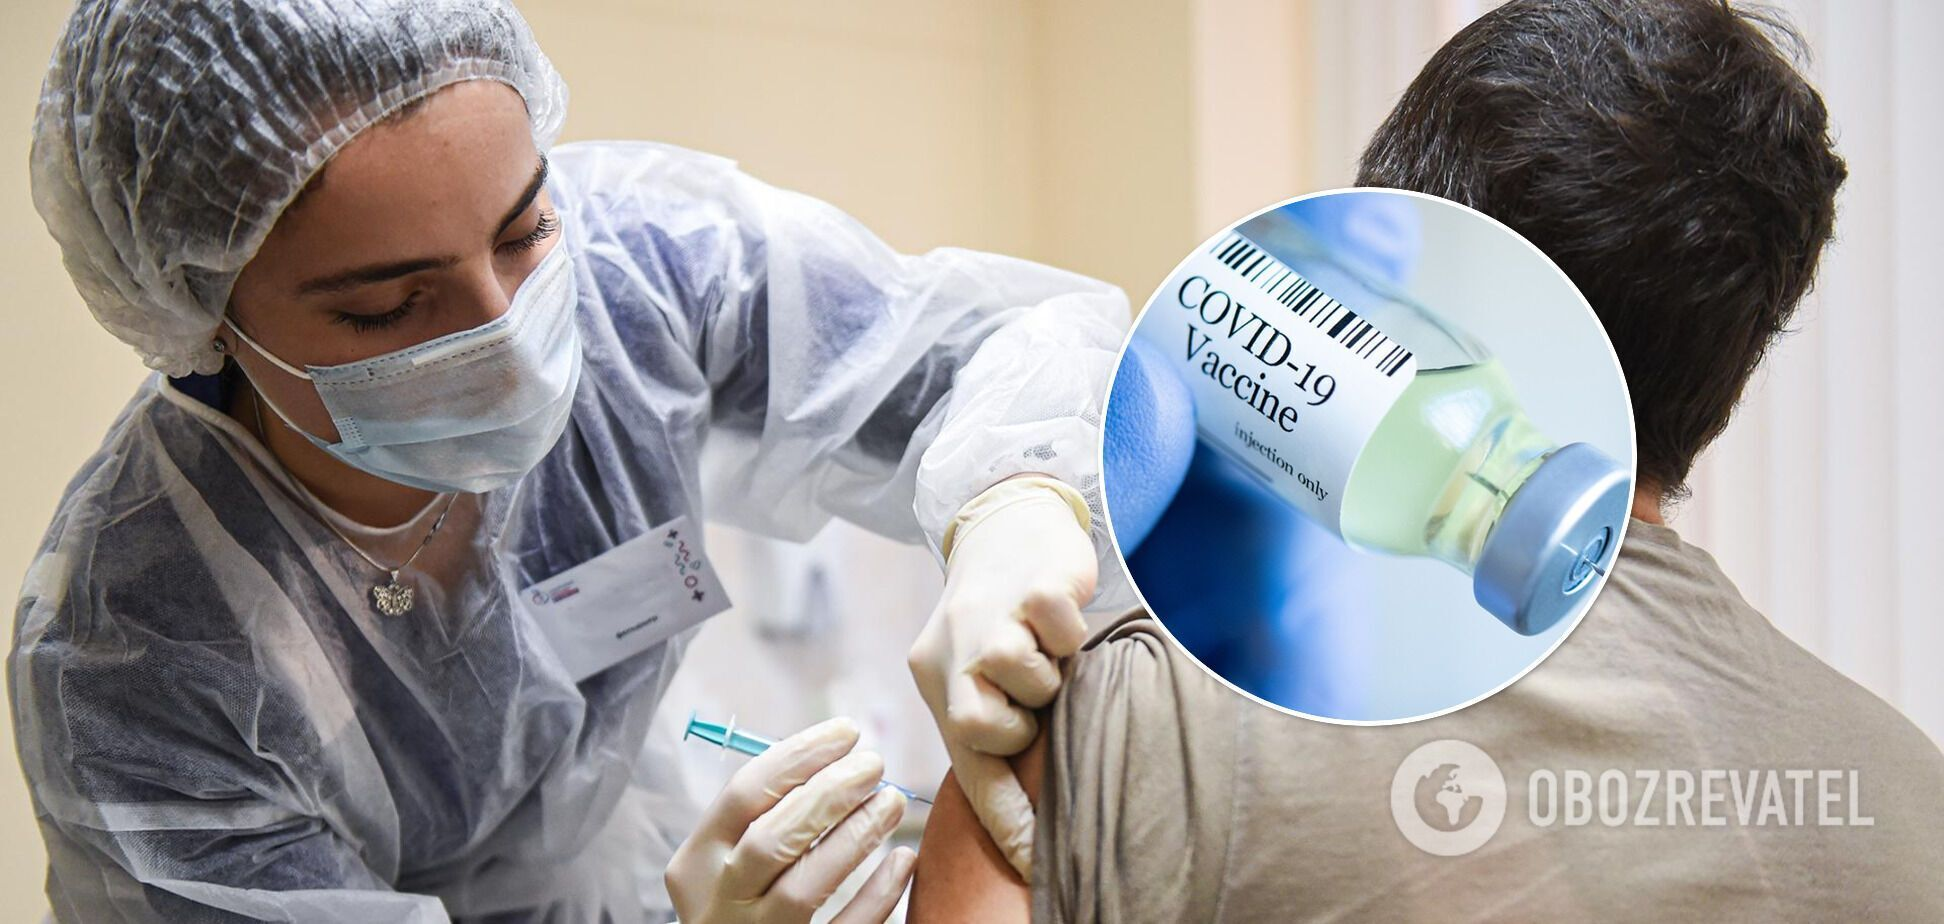 Исследования эффективности вакцин против новых штаммов все еще ведутся